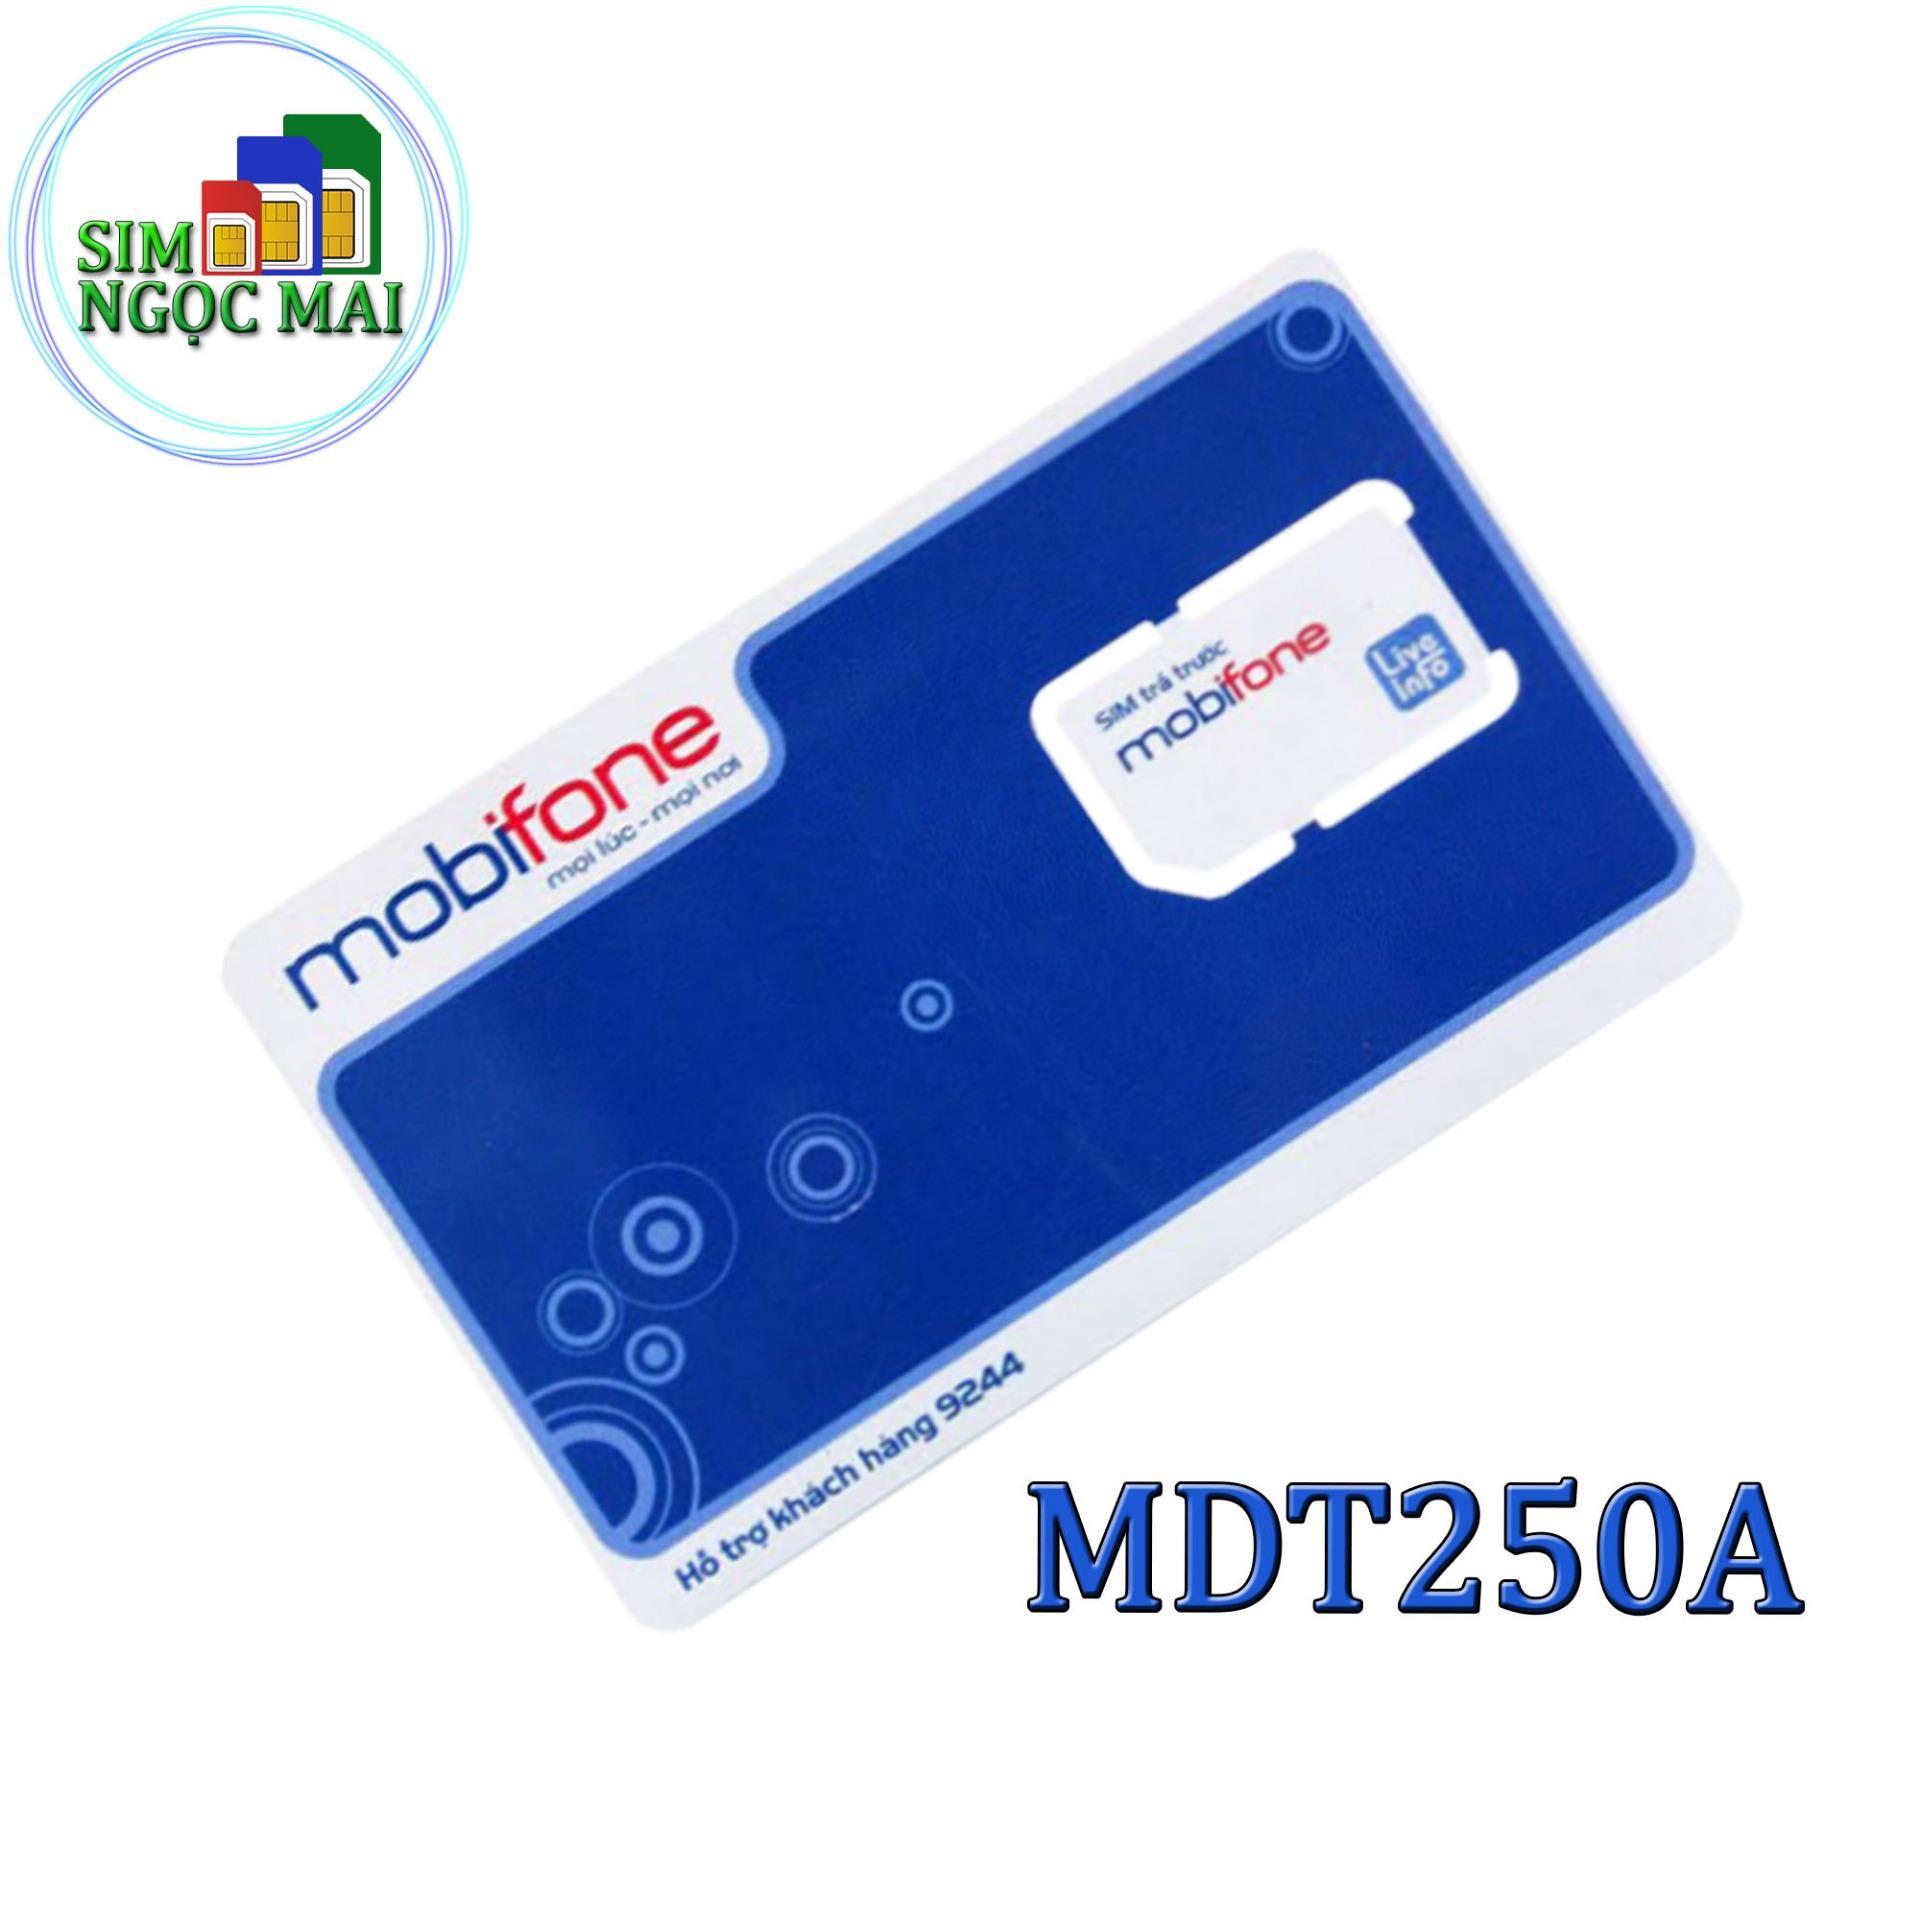 Sim 4G Mobifone MDT250A Trọn Gói 1 Năm Giống F500 (4GB/Tháng)